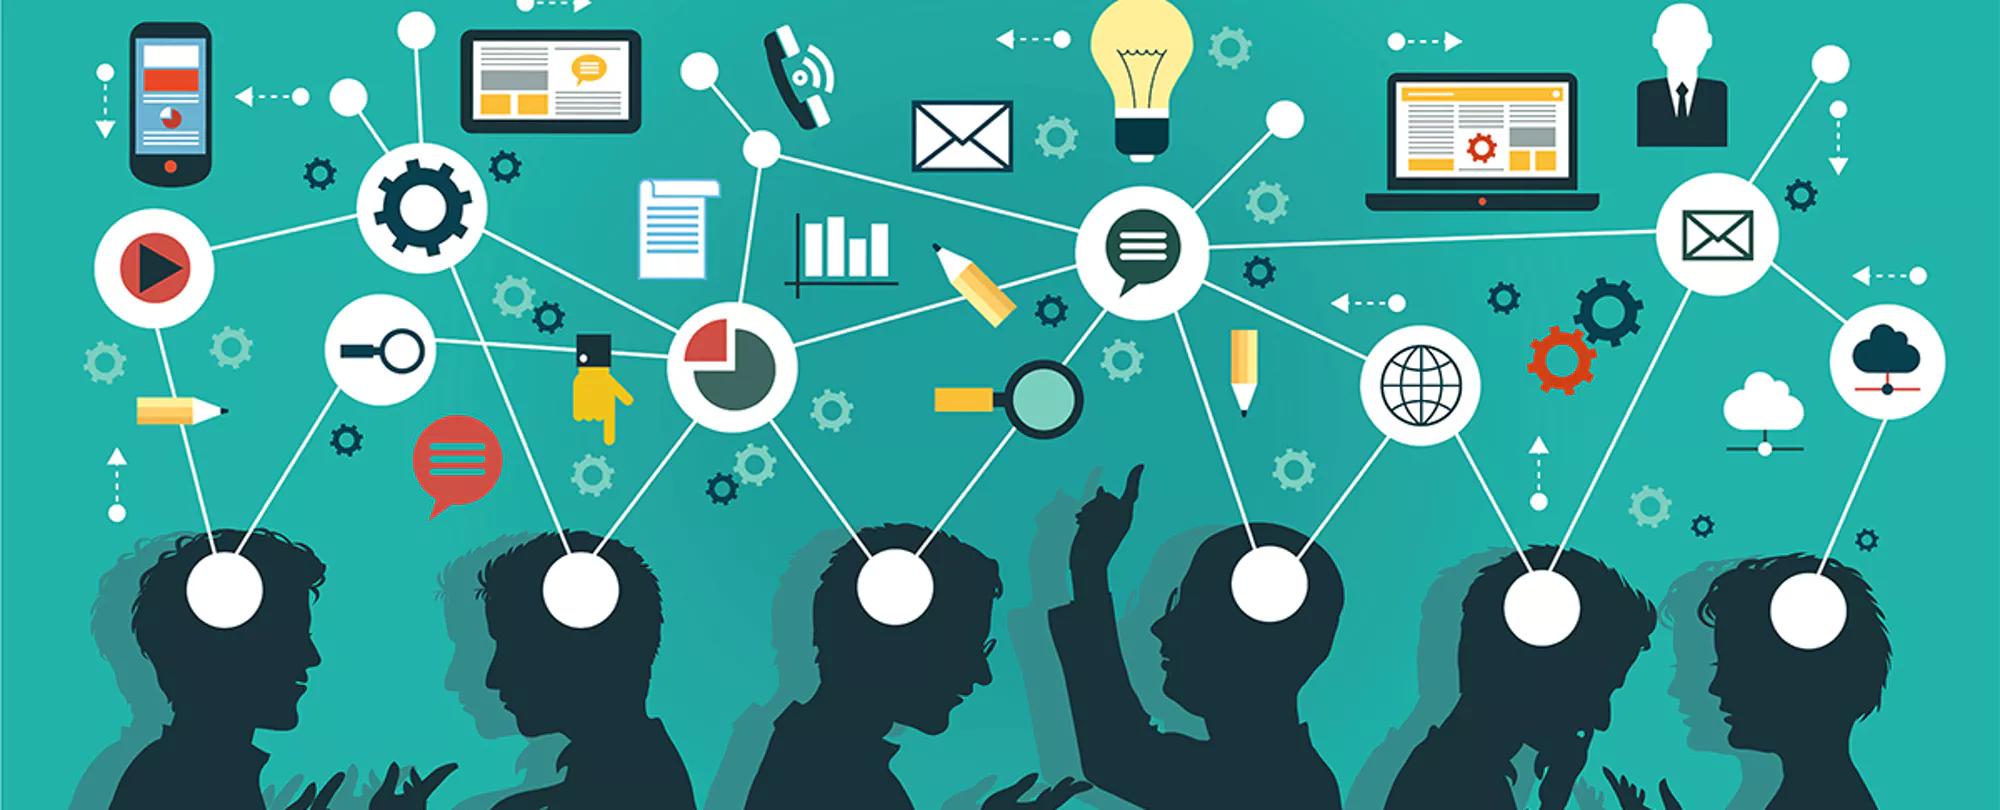 Desenvolvimento Profissional – Conheça os passos para aprender a fazer